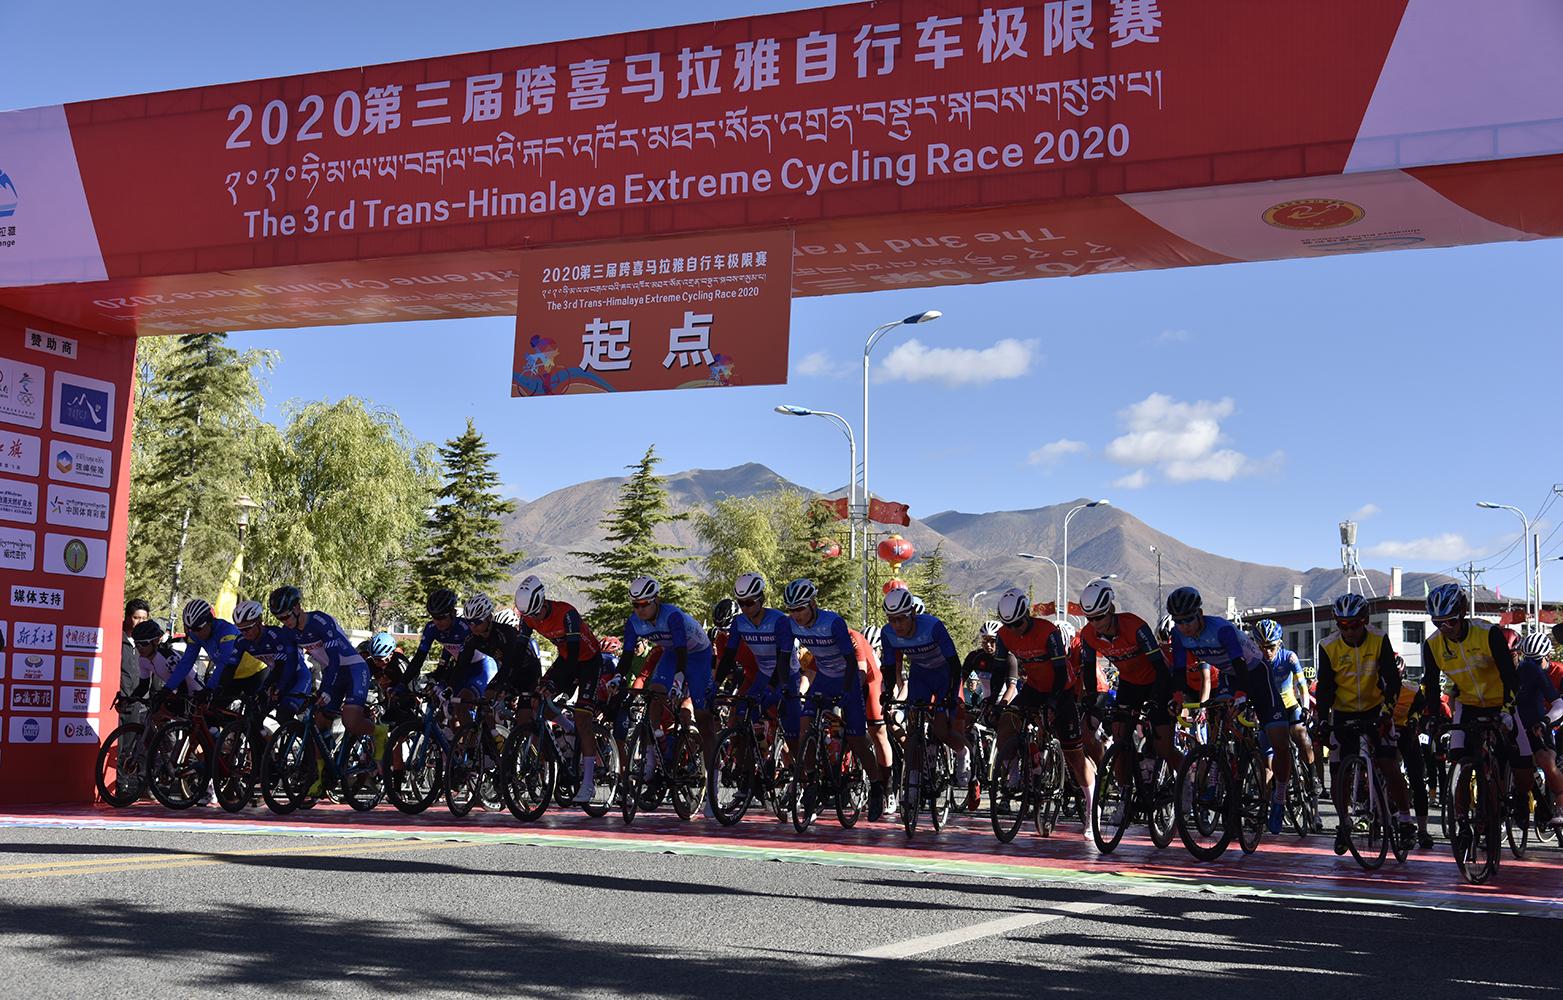 第三届跨喜马拉雅自行车极限赛第二赛段完赛